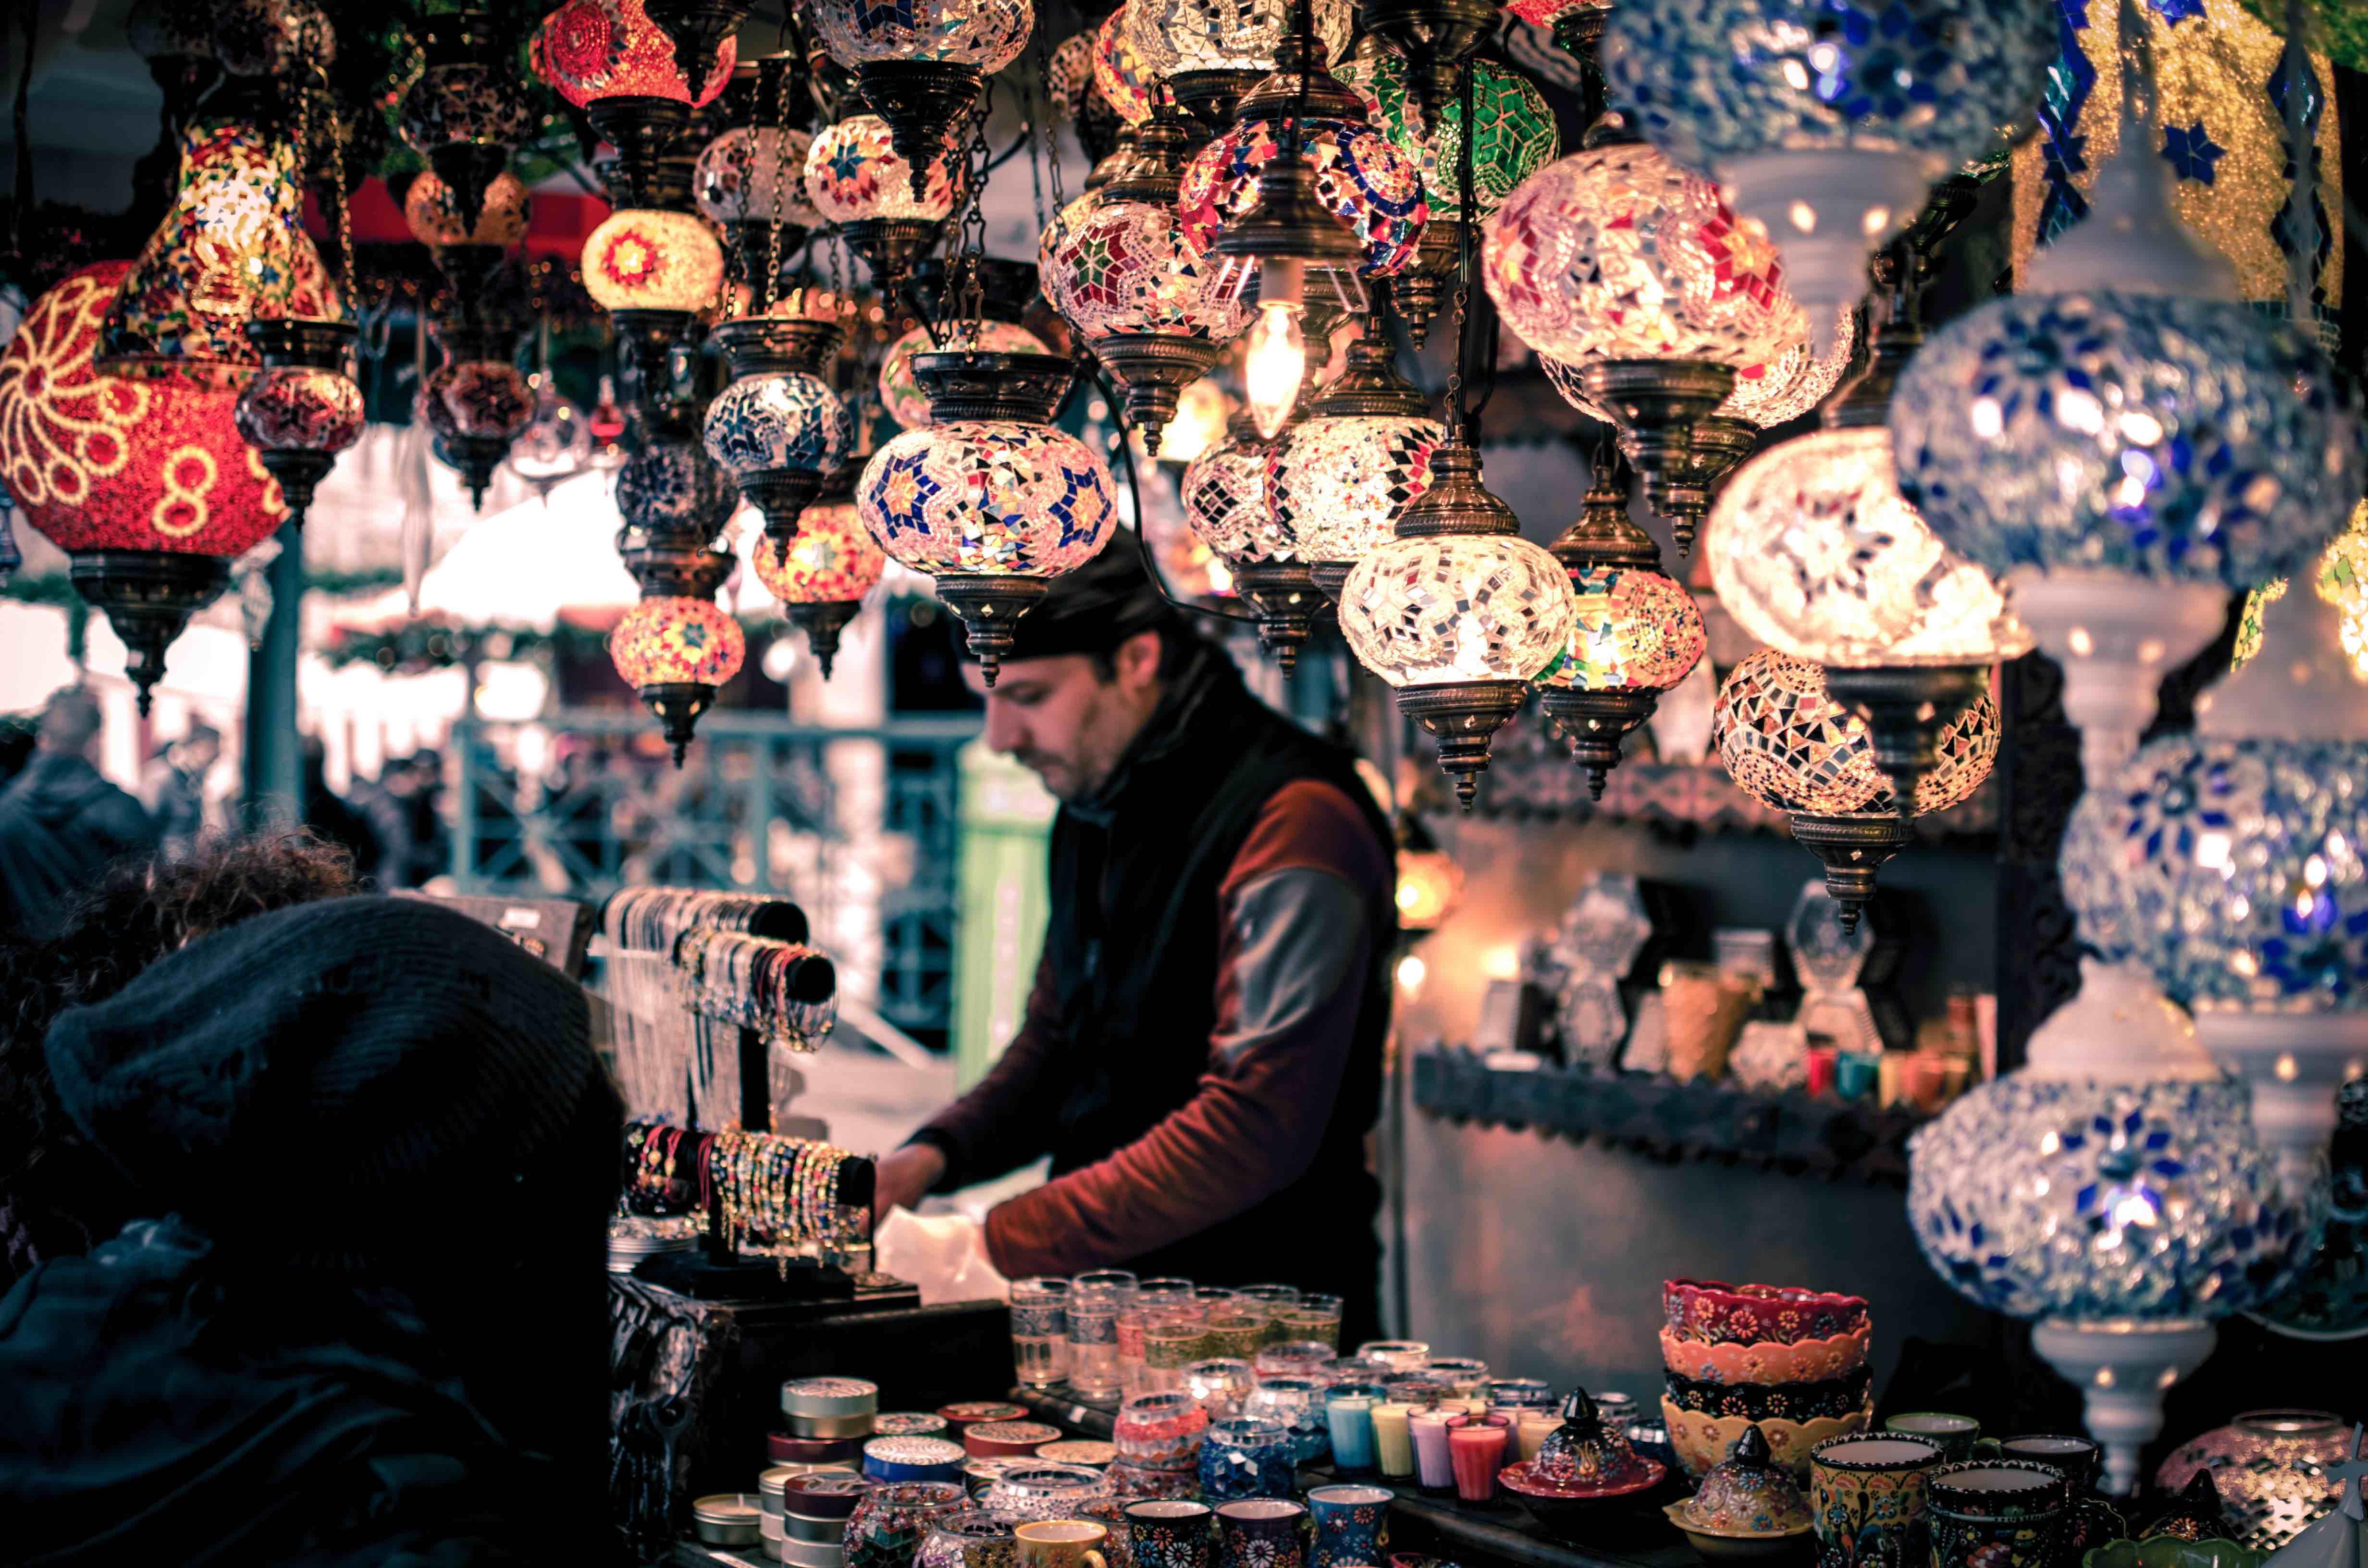 埃及旅行|埃及旅遊必須知道的3件事情(哈利利市集、貝都因部落、尼羅河渡輪)